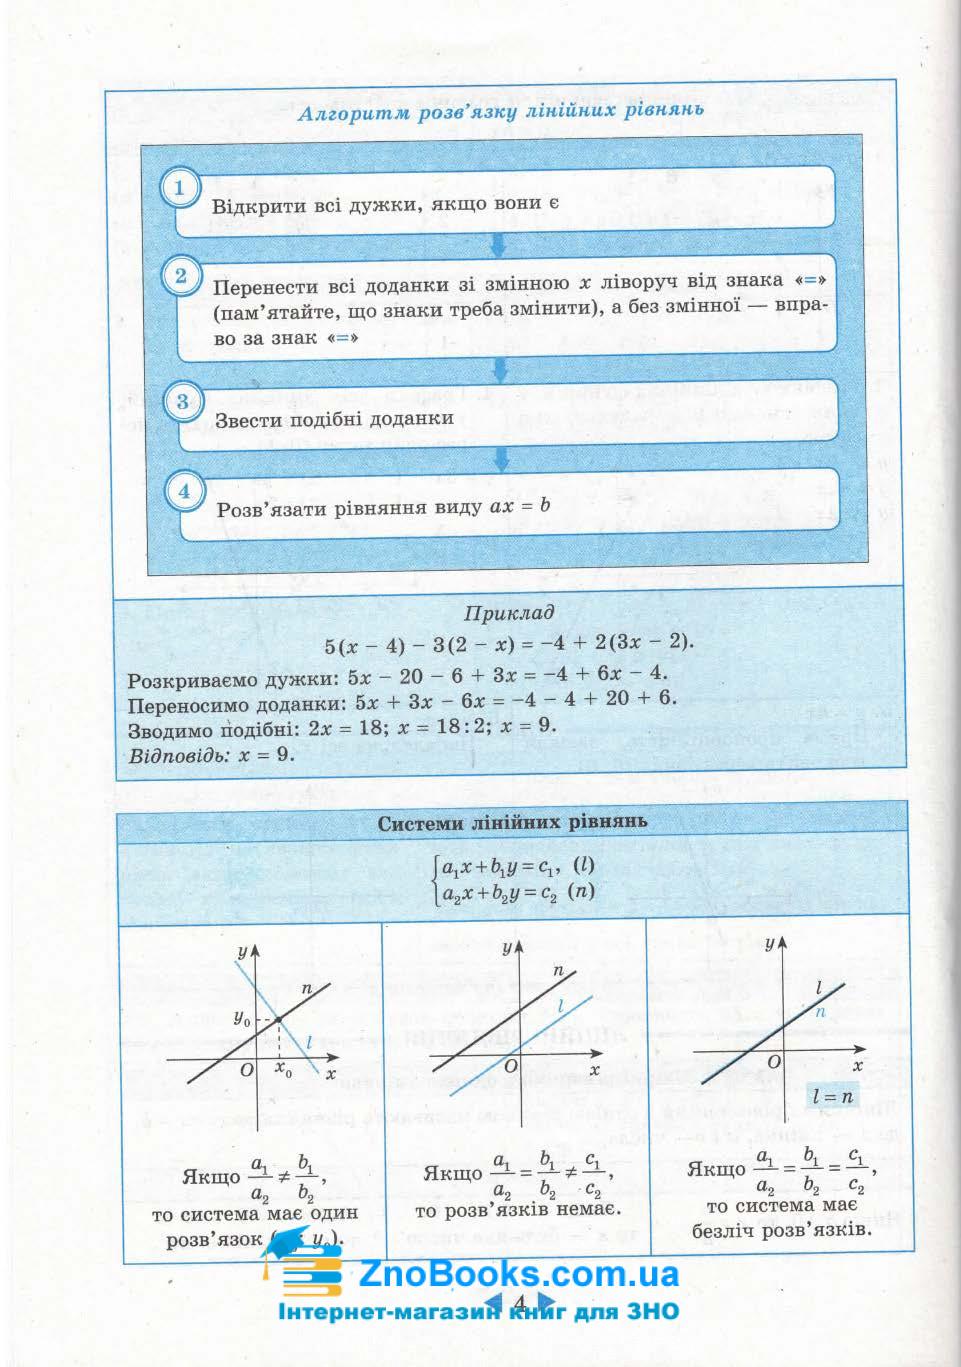 Довідник 7-11 клас з алгебри та геометрії. Підготовка до ЗНО та ДПА. Гальперіна А. Весна 5